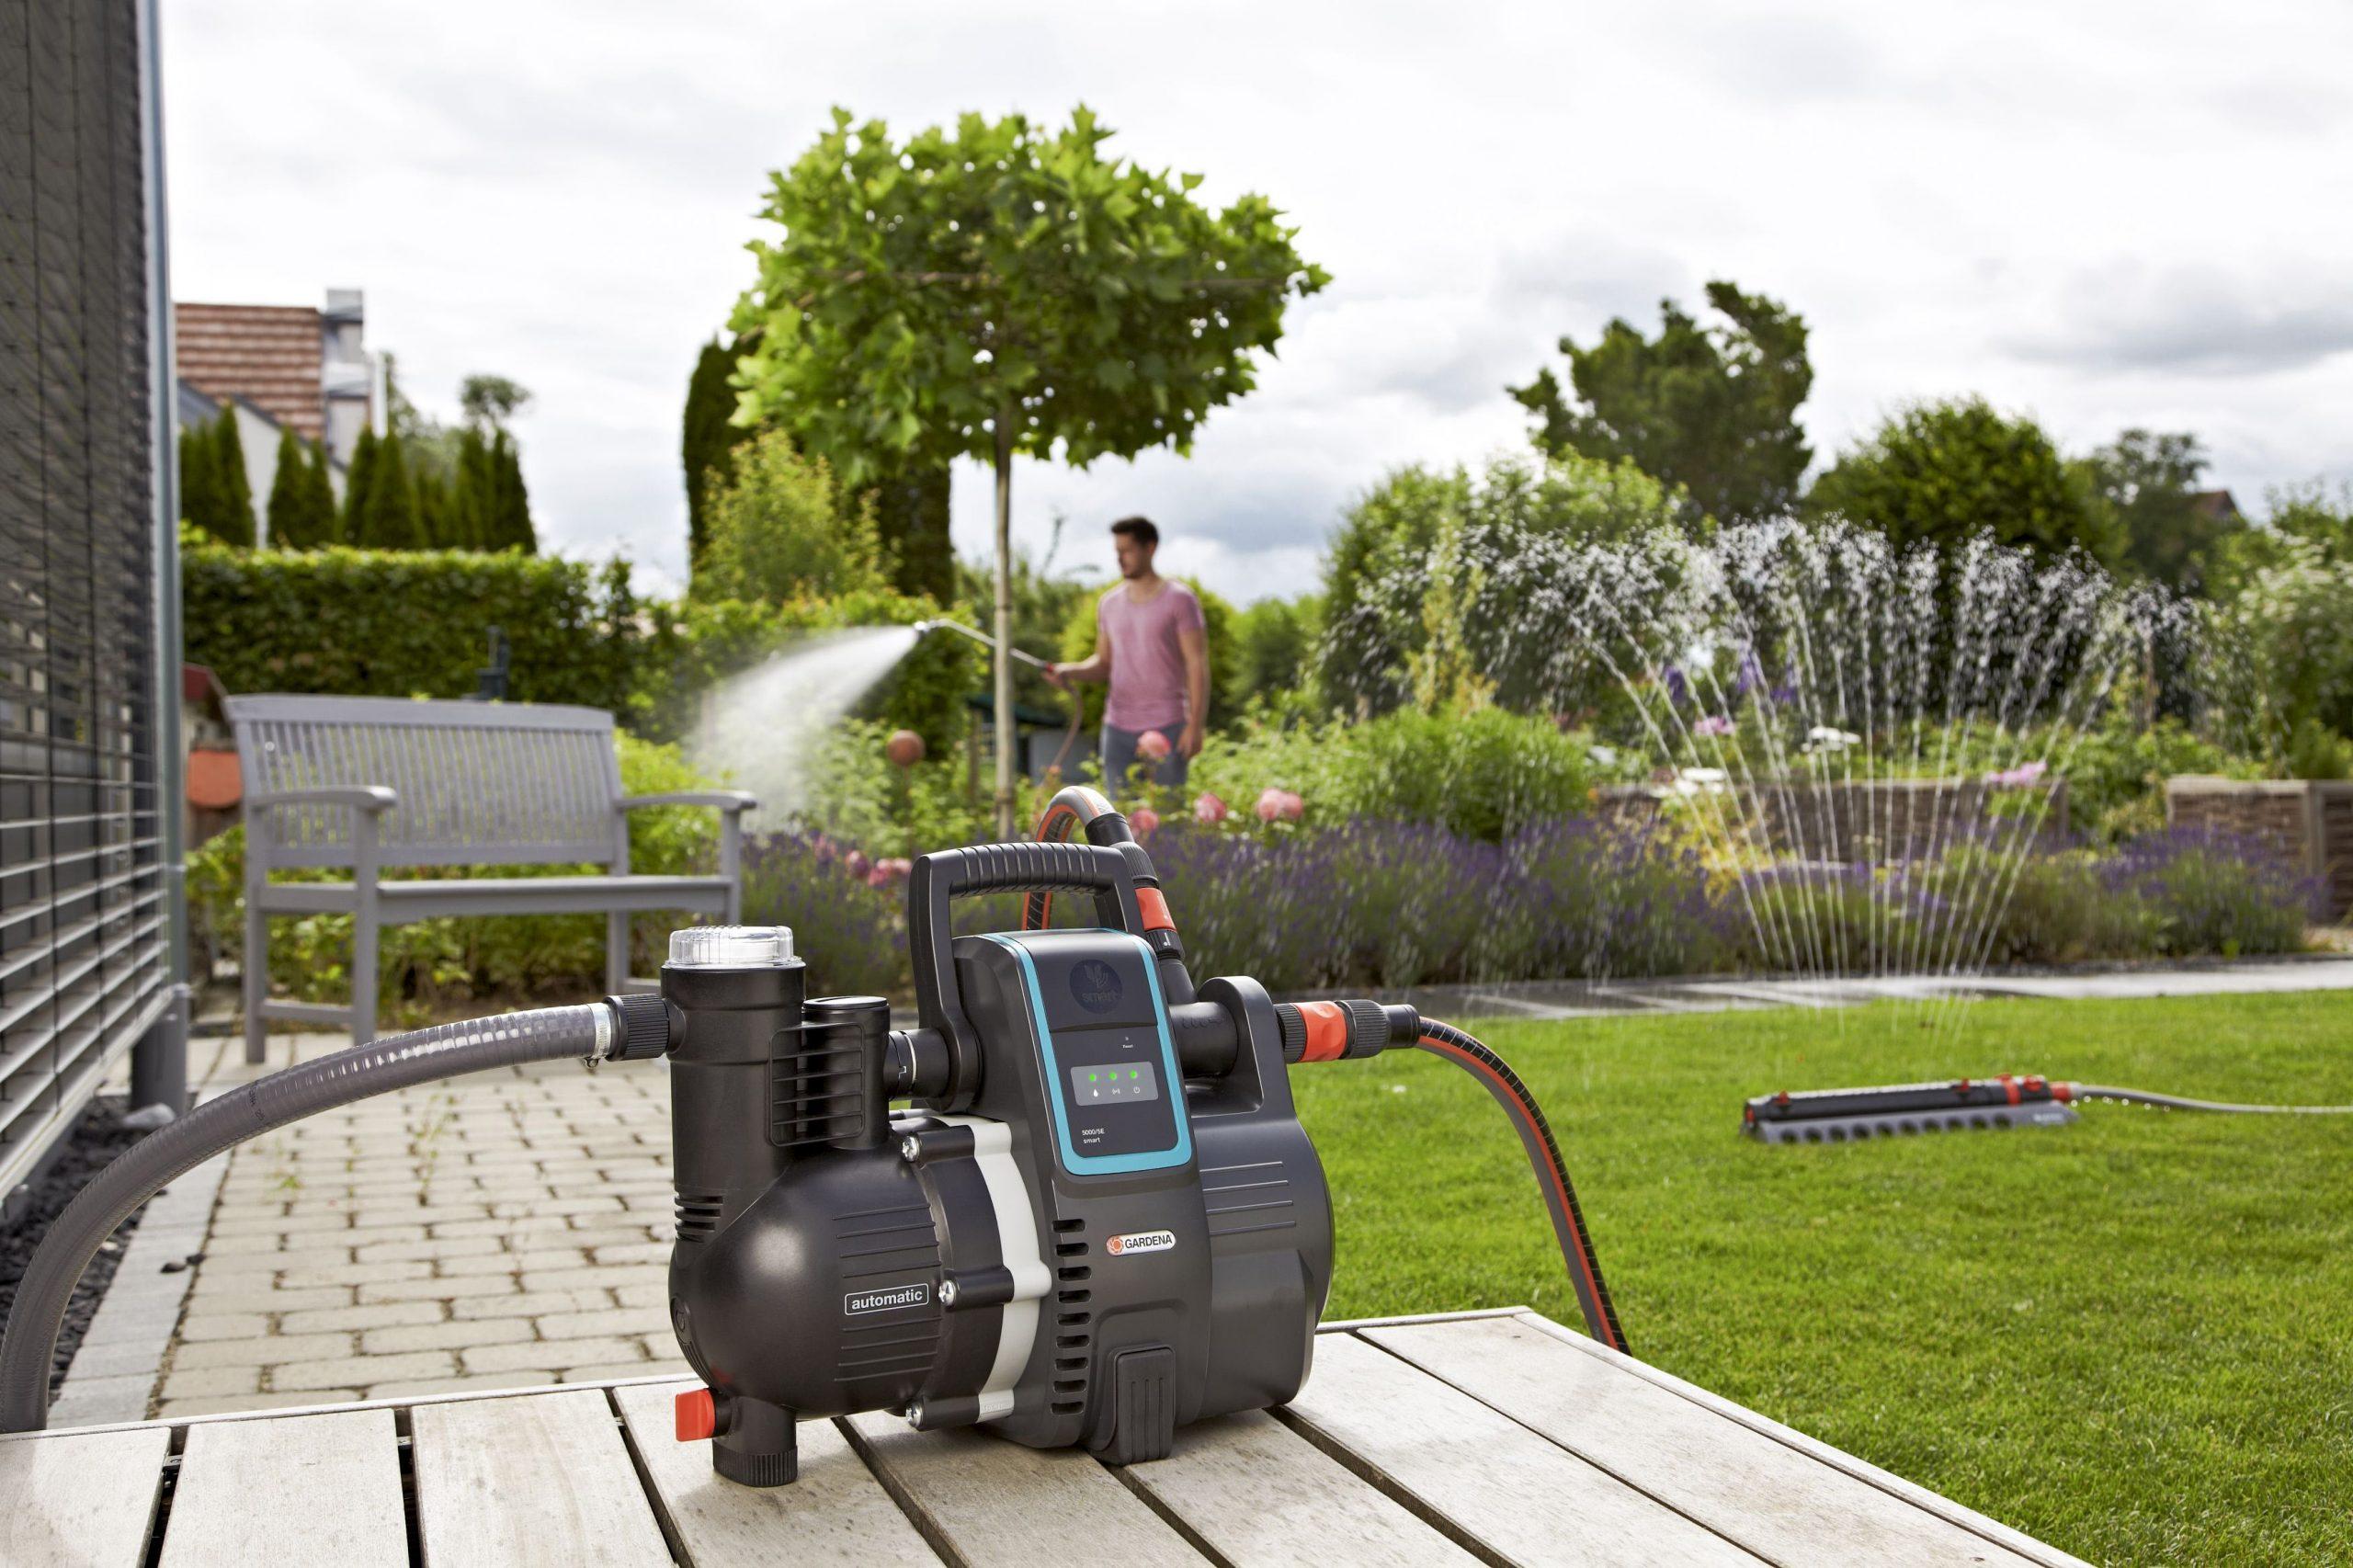 Pompe Arrosage Automatique Automatique Gardena, Smart Pressure 5000 L/h dedans Pompe Pour Arroser Le Jardin